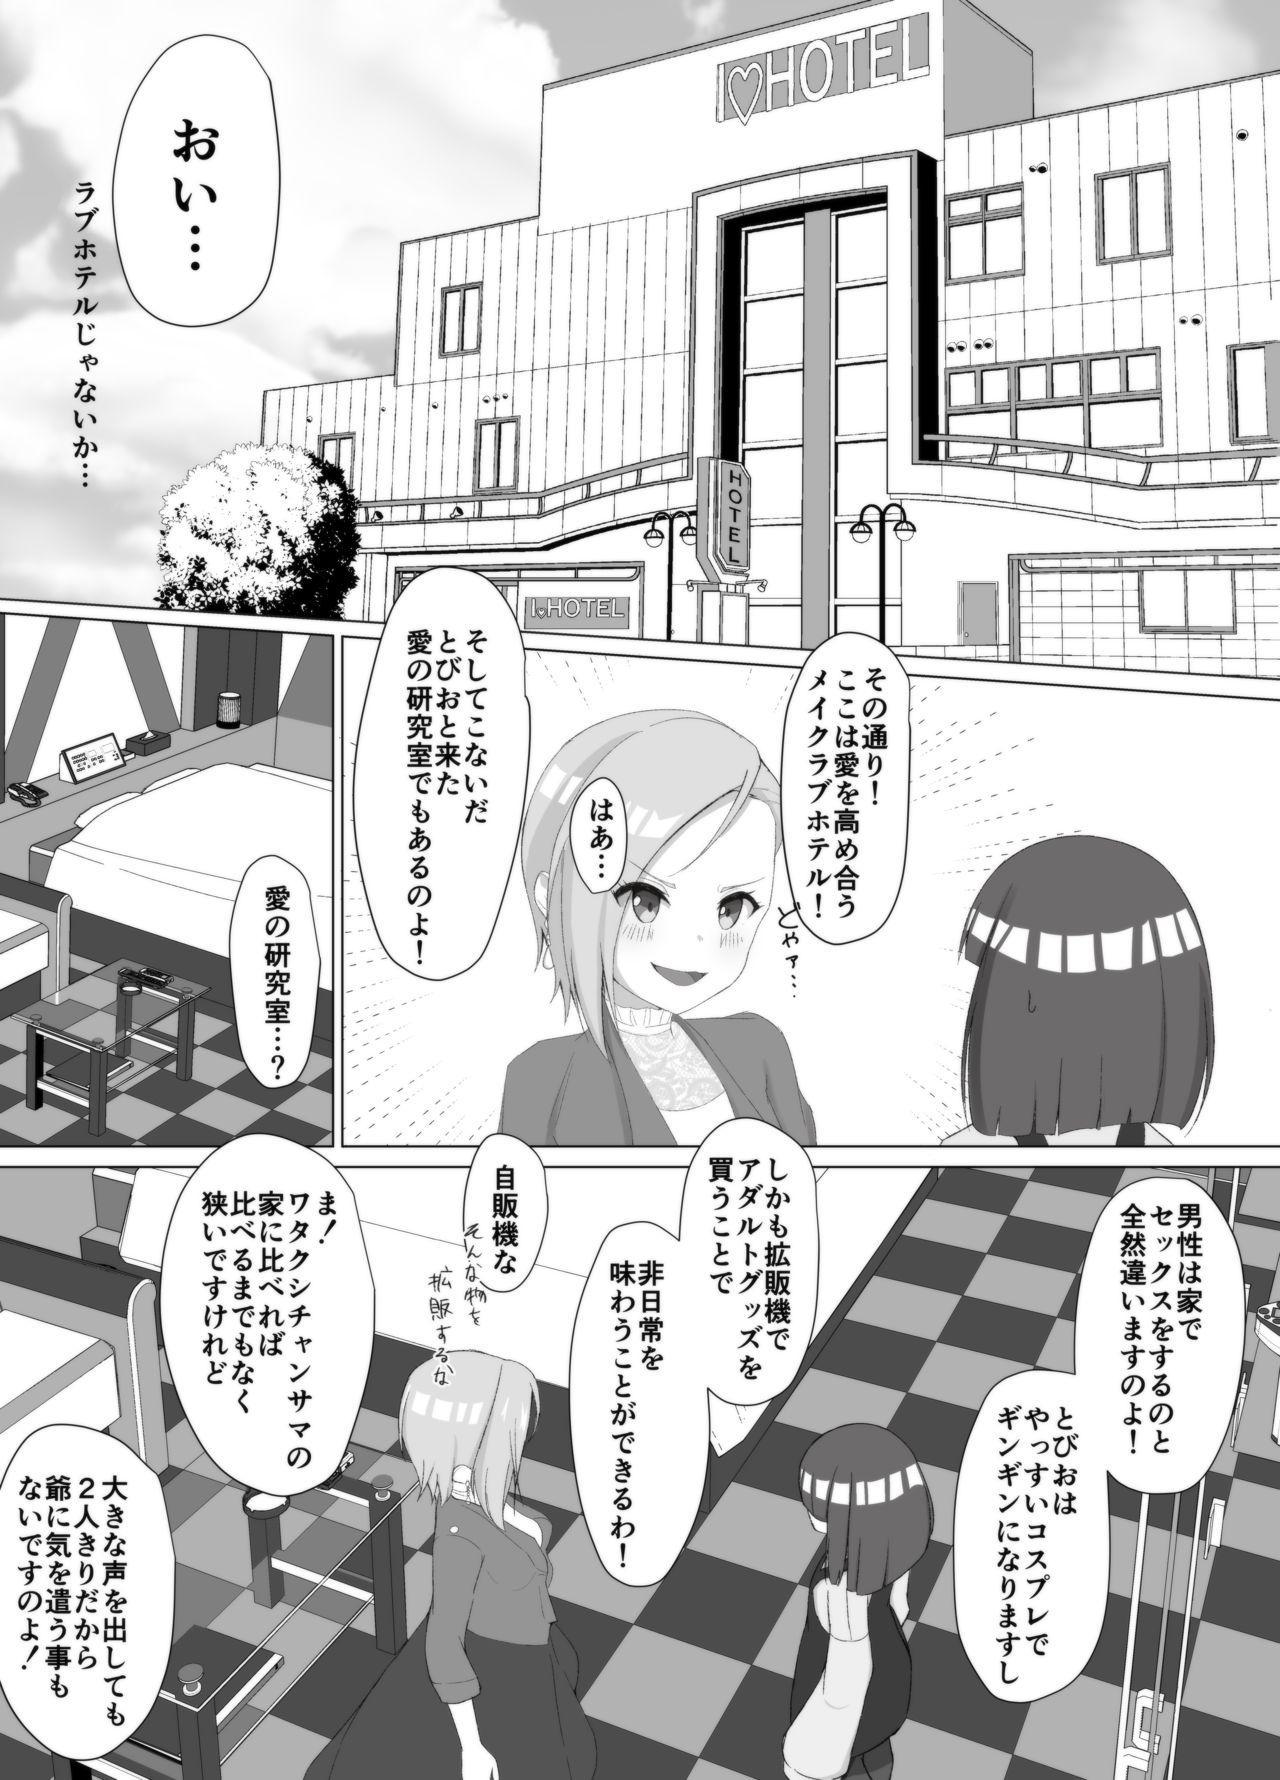 Akisa-chan's Laboratory 4